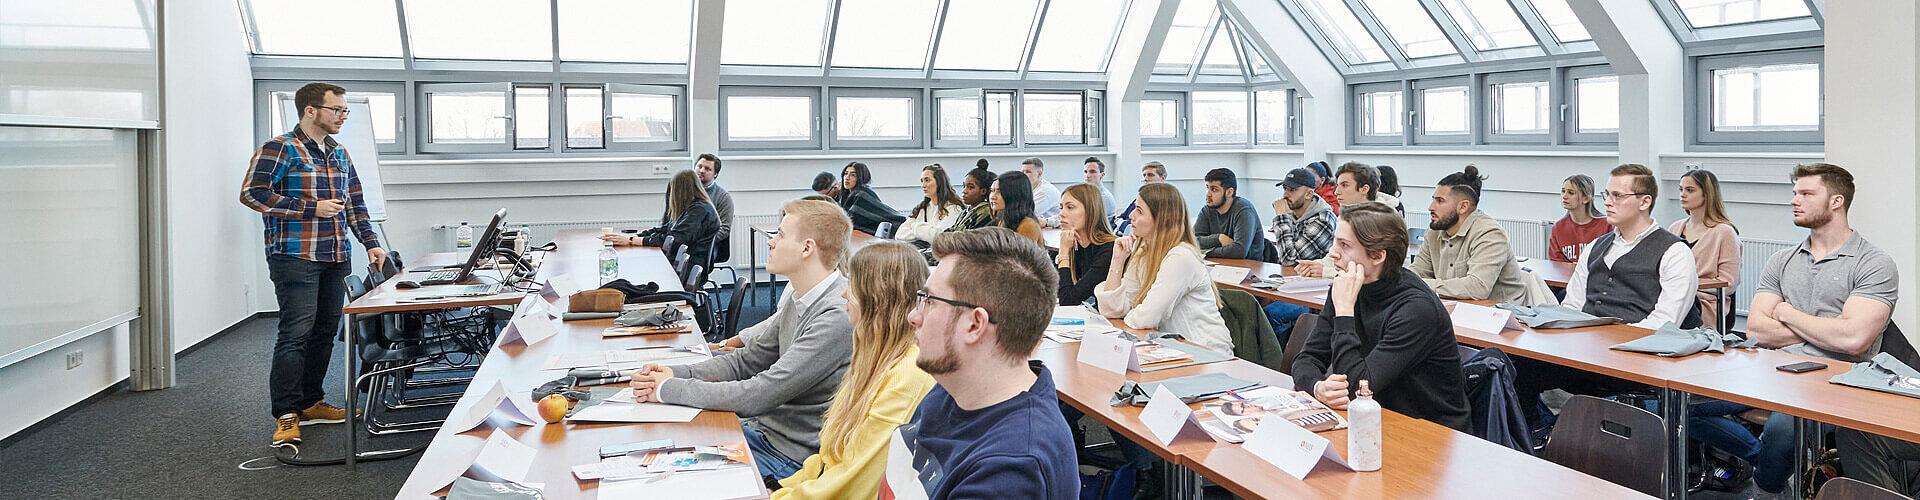 Vorbereitungskurse für das Studium an der NBS